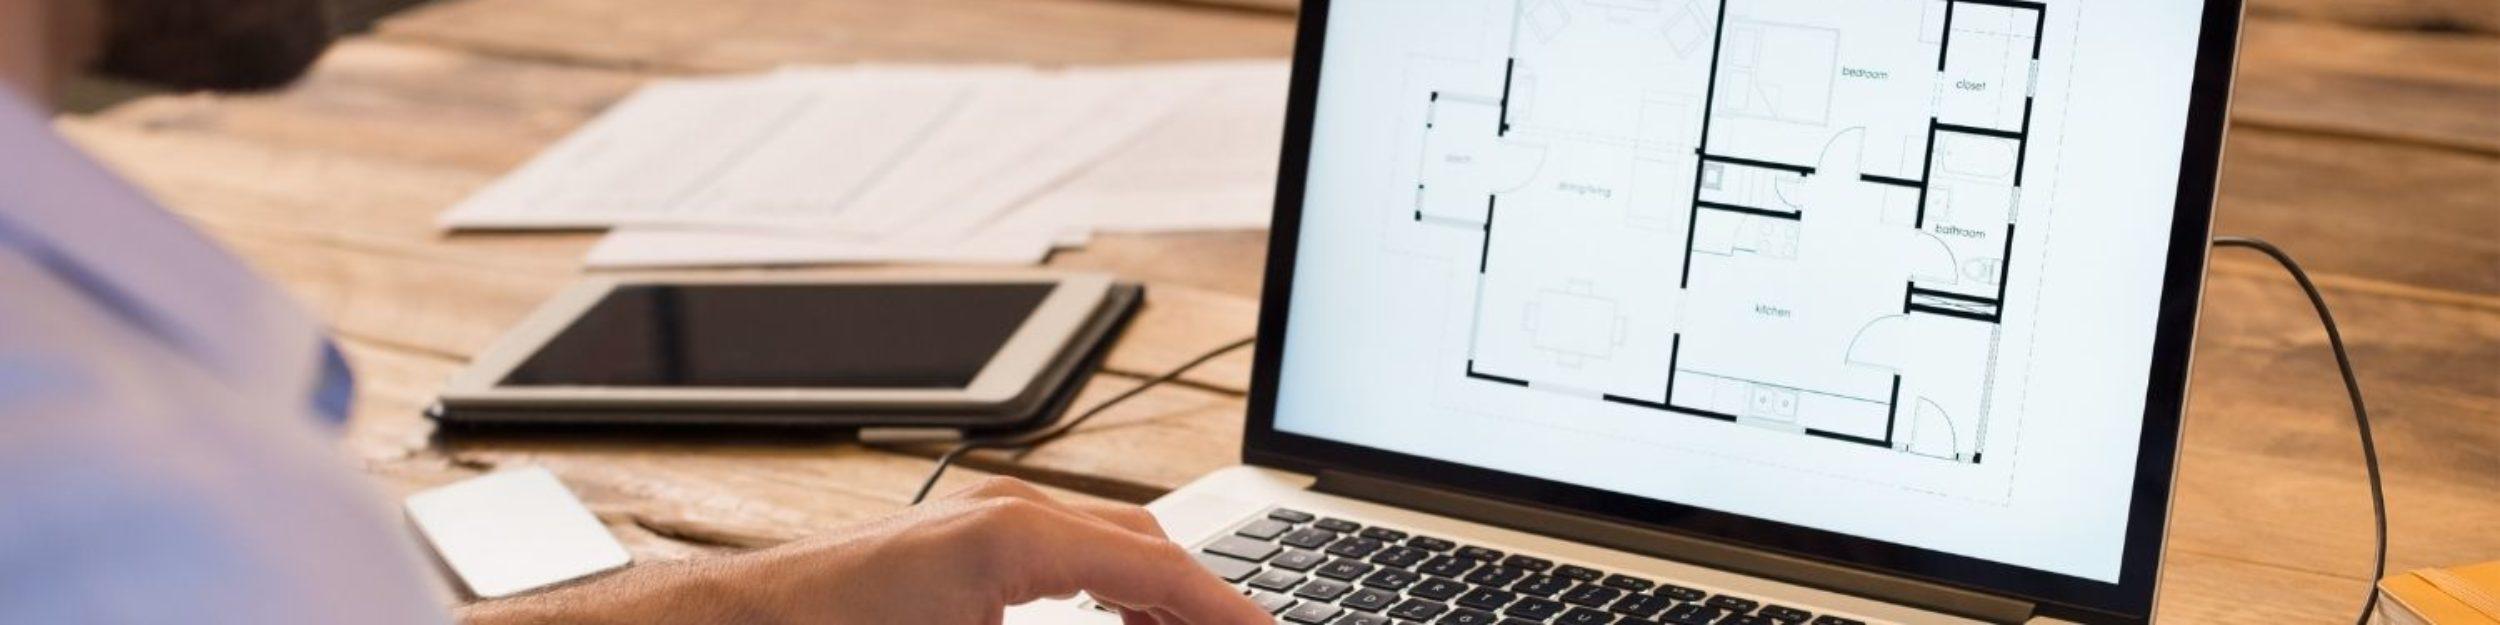 Блог практикующего дизайнера